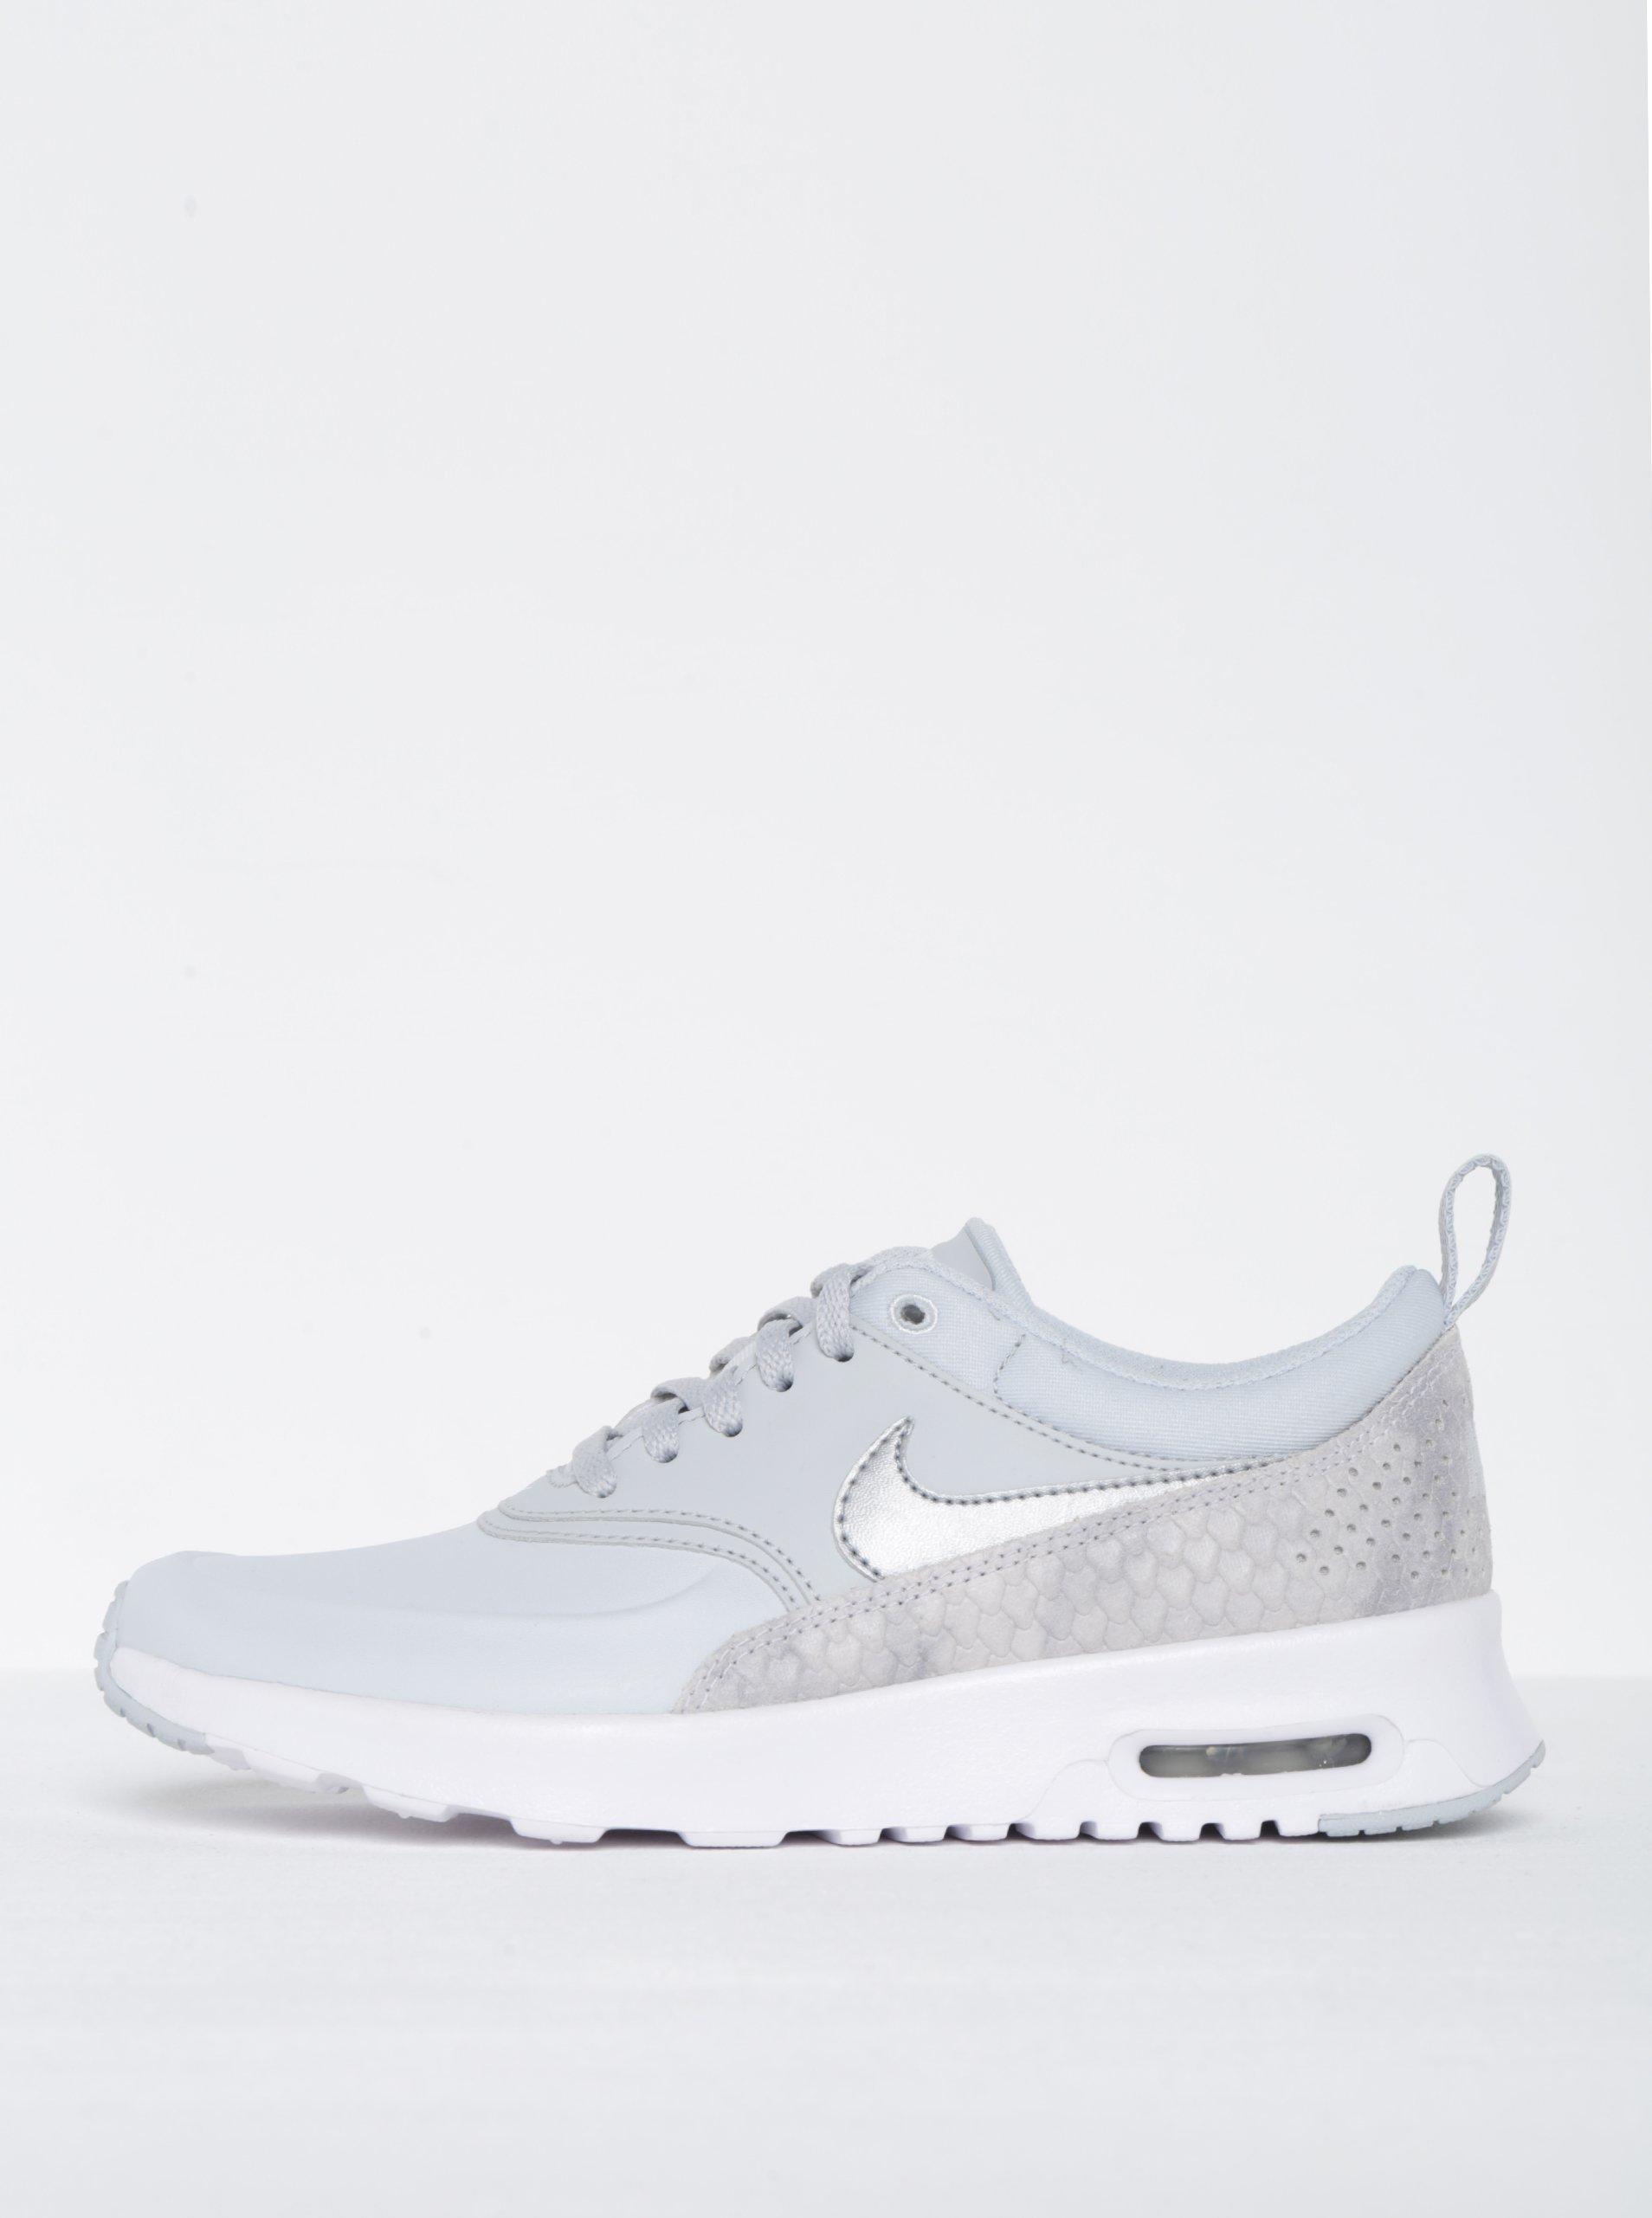 Světle šedé dámské kožené tenisky se strukturovanými detaily Nike Air Max